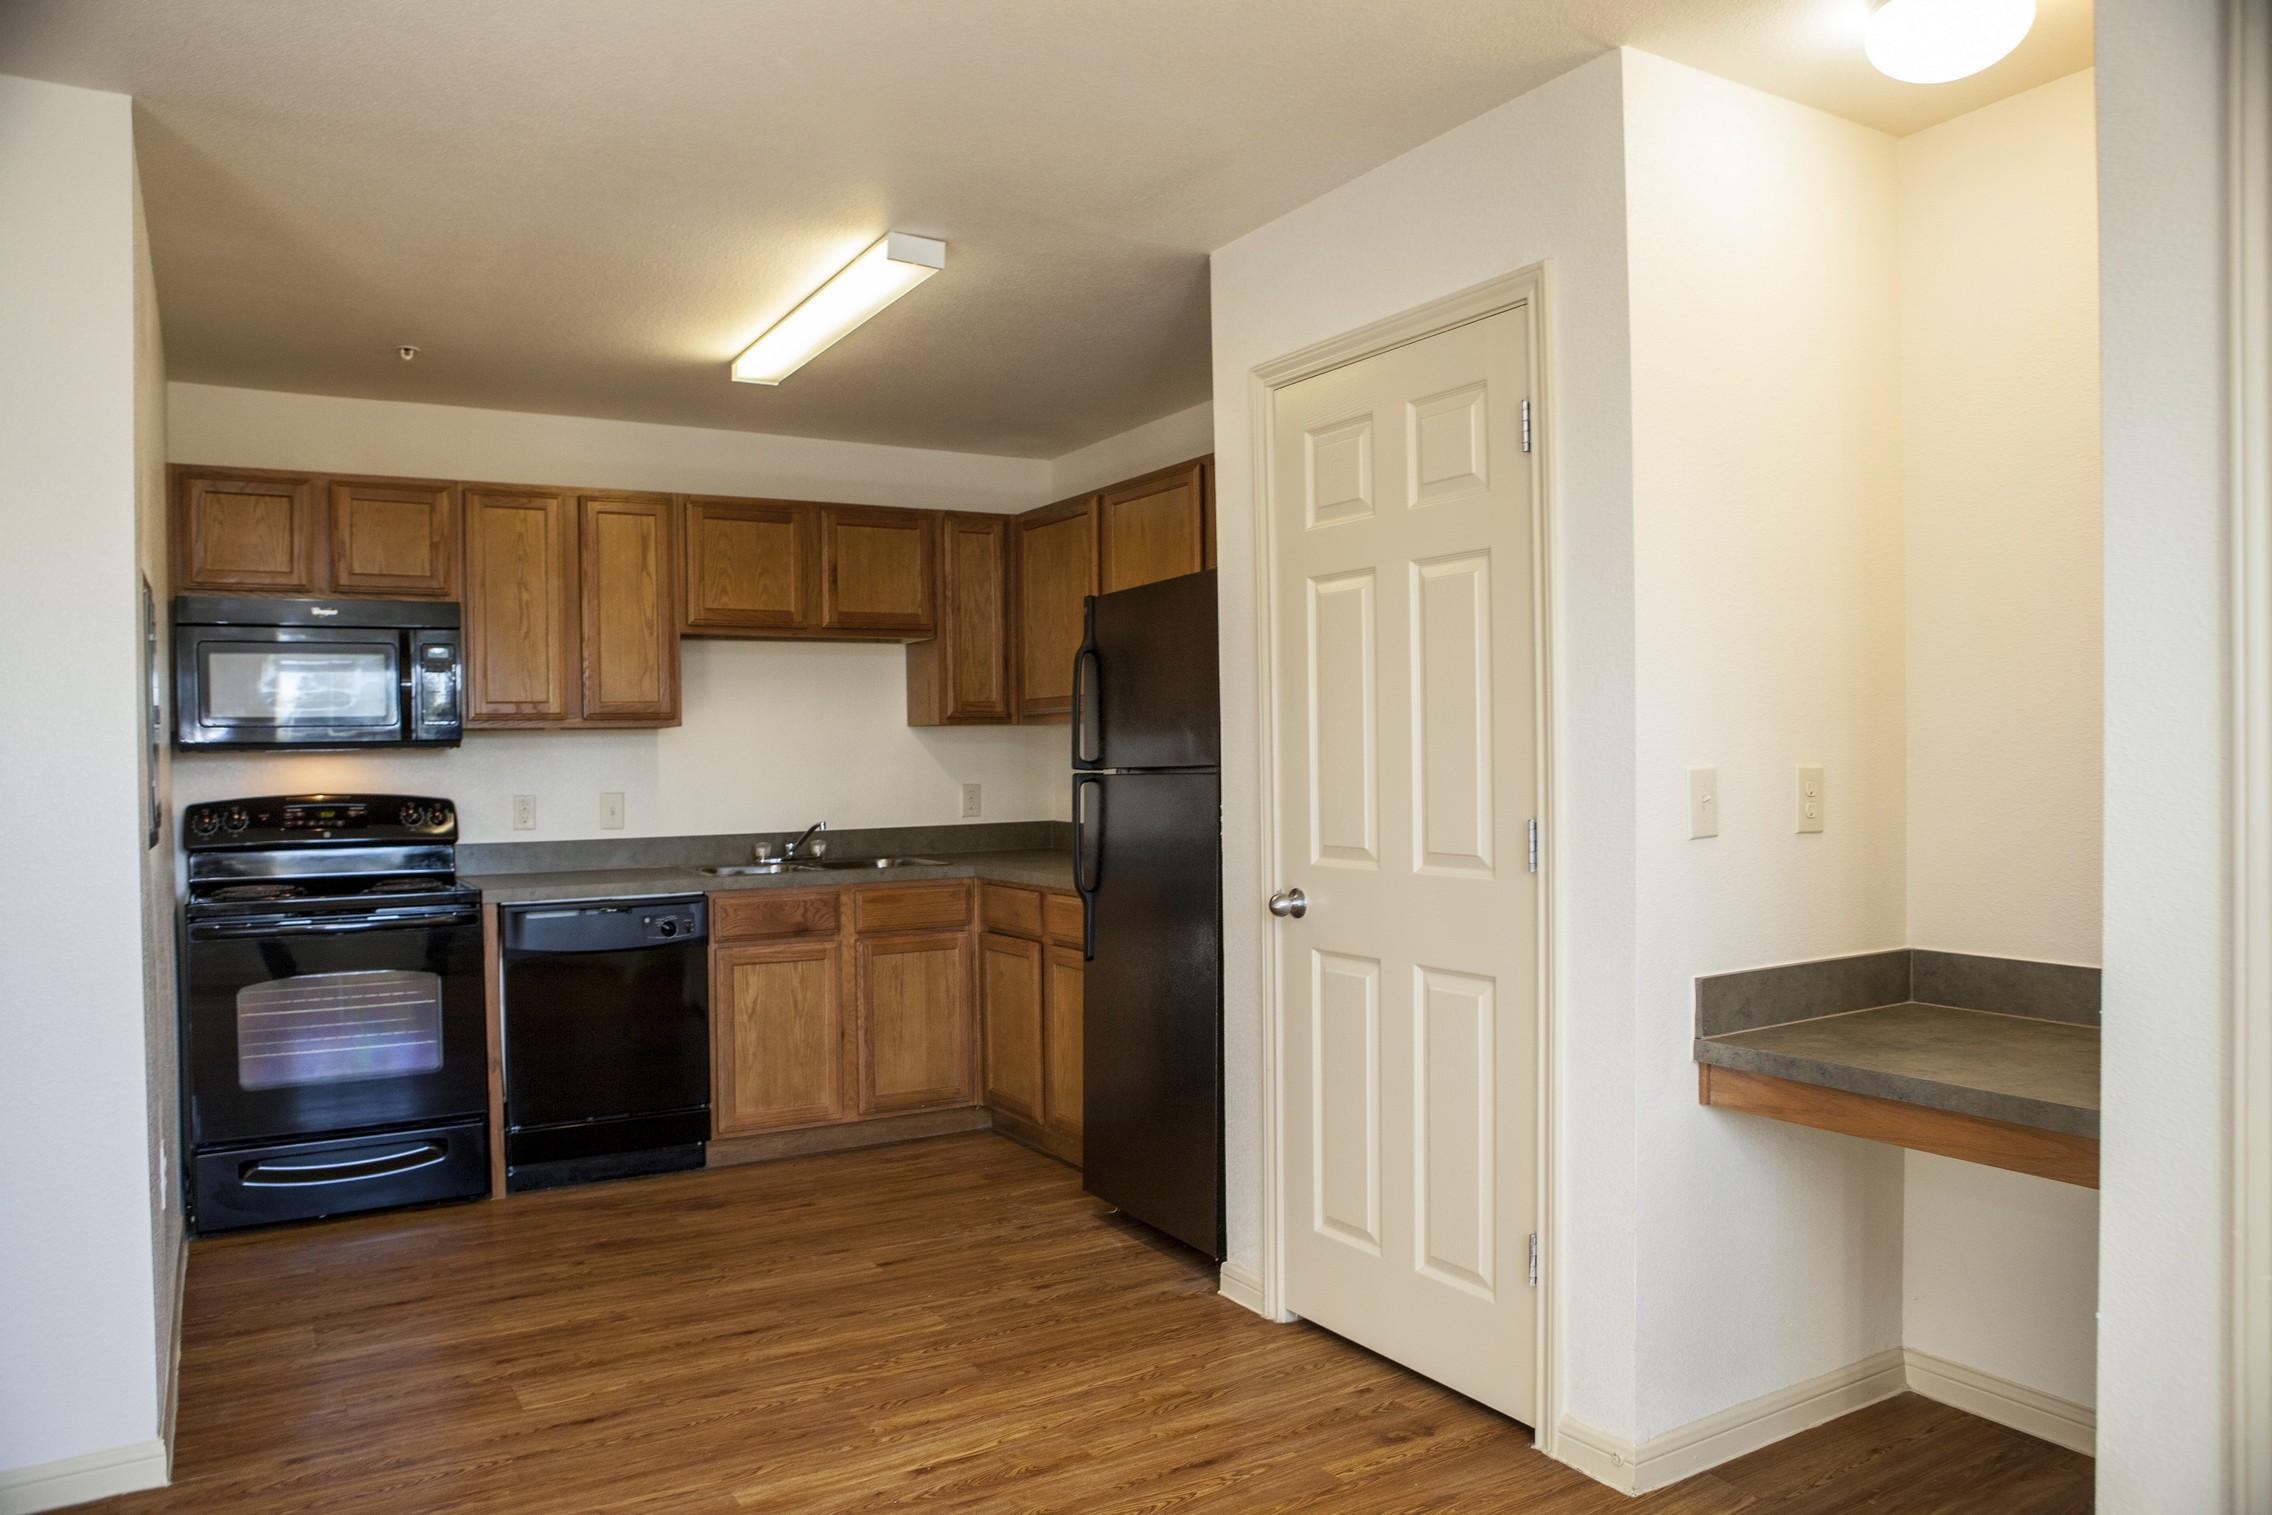 Guild Park Apartments Prospera Housing Community Services